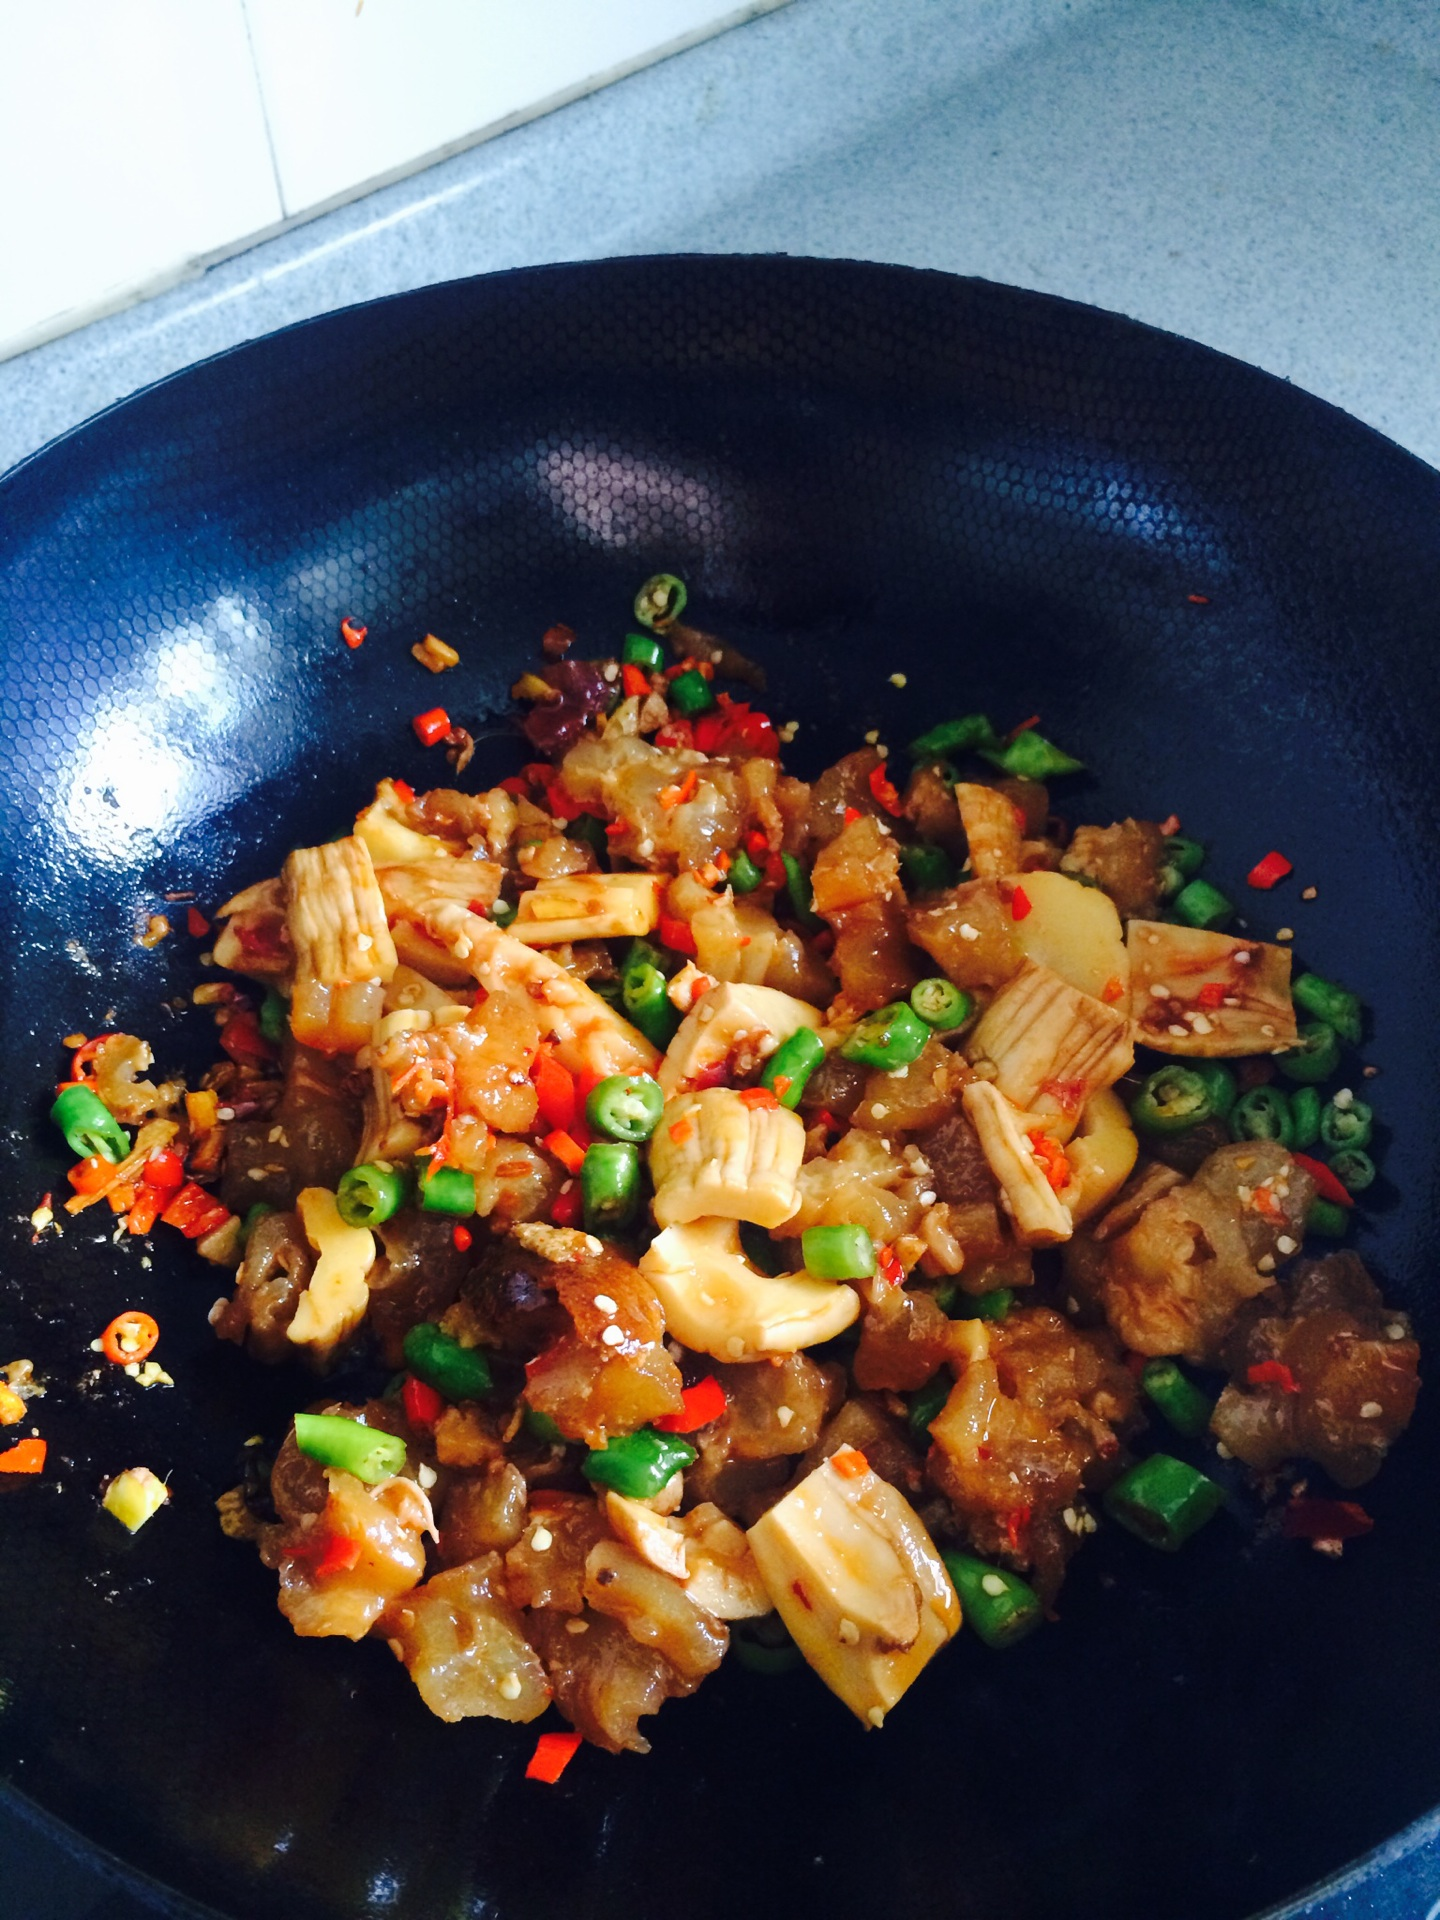 做法烧海带的牛筋图解4笋子煮汤粘能吃吗图片